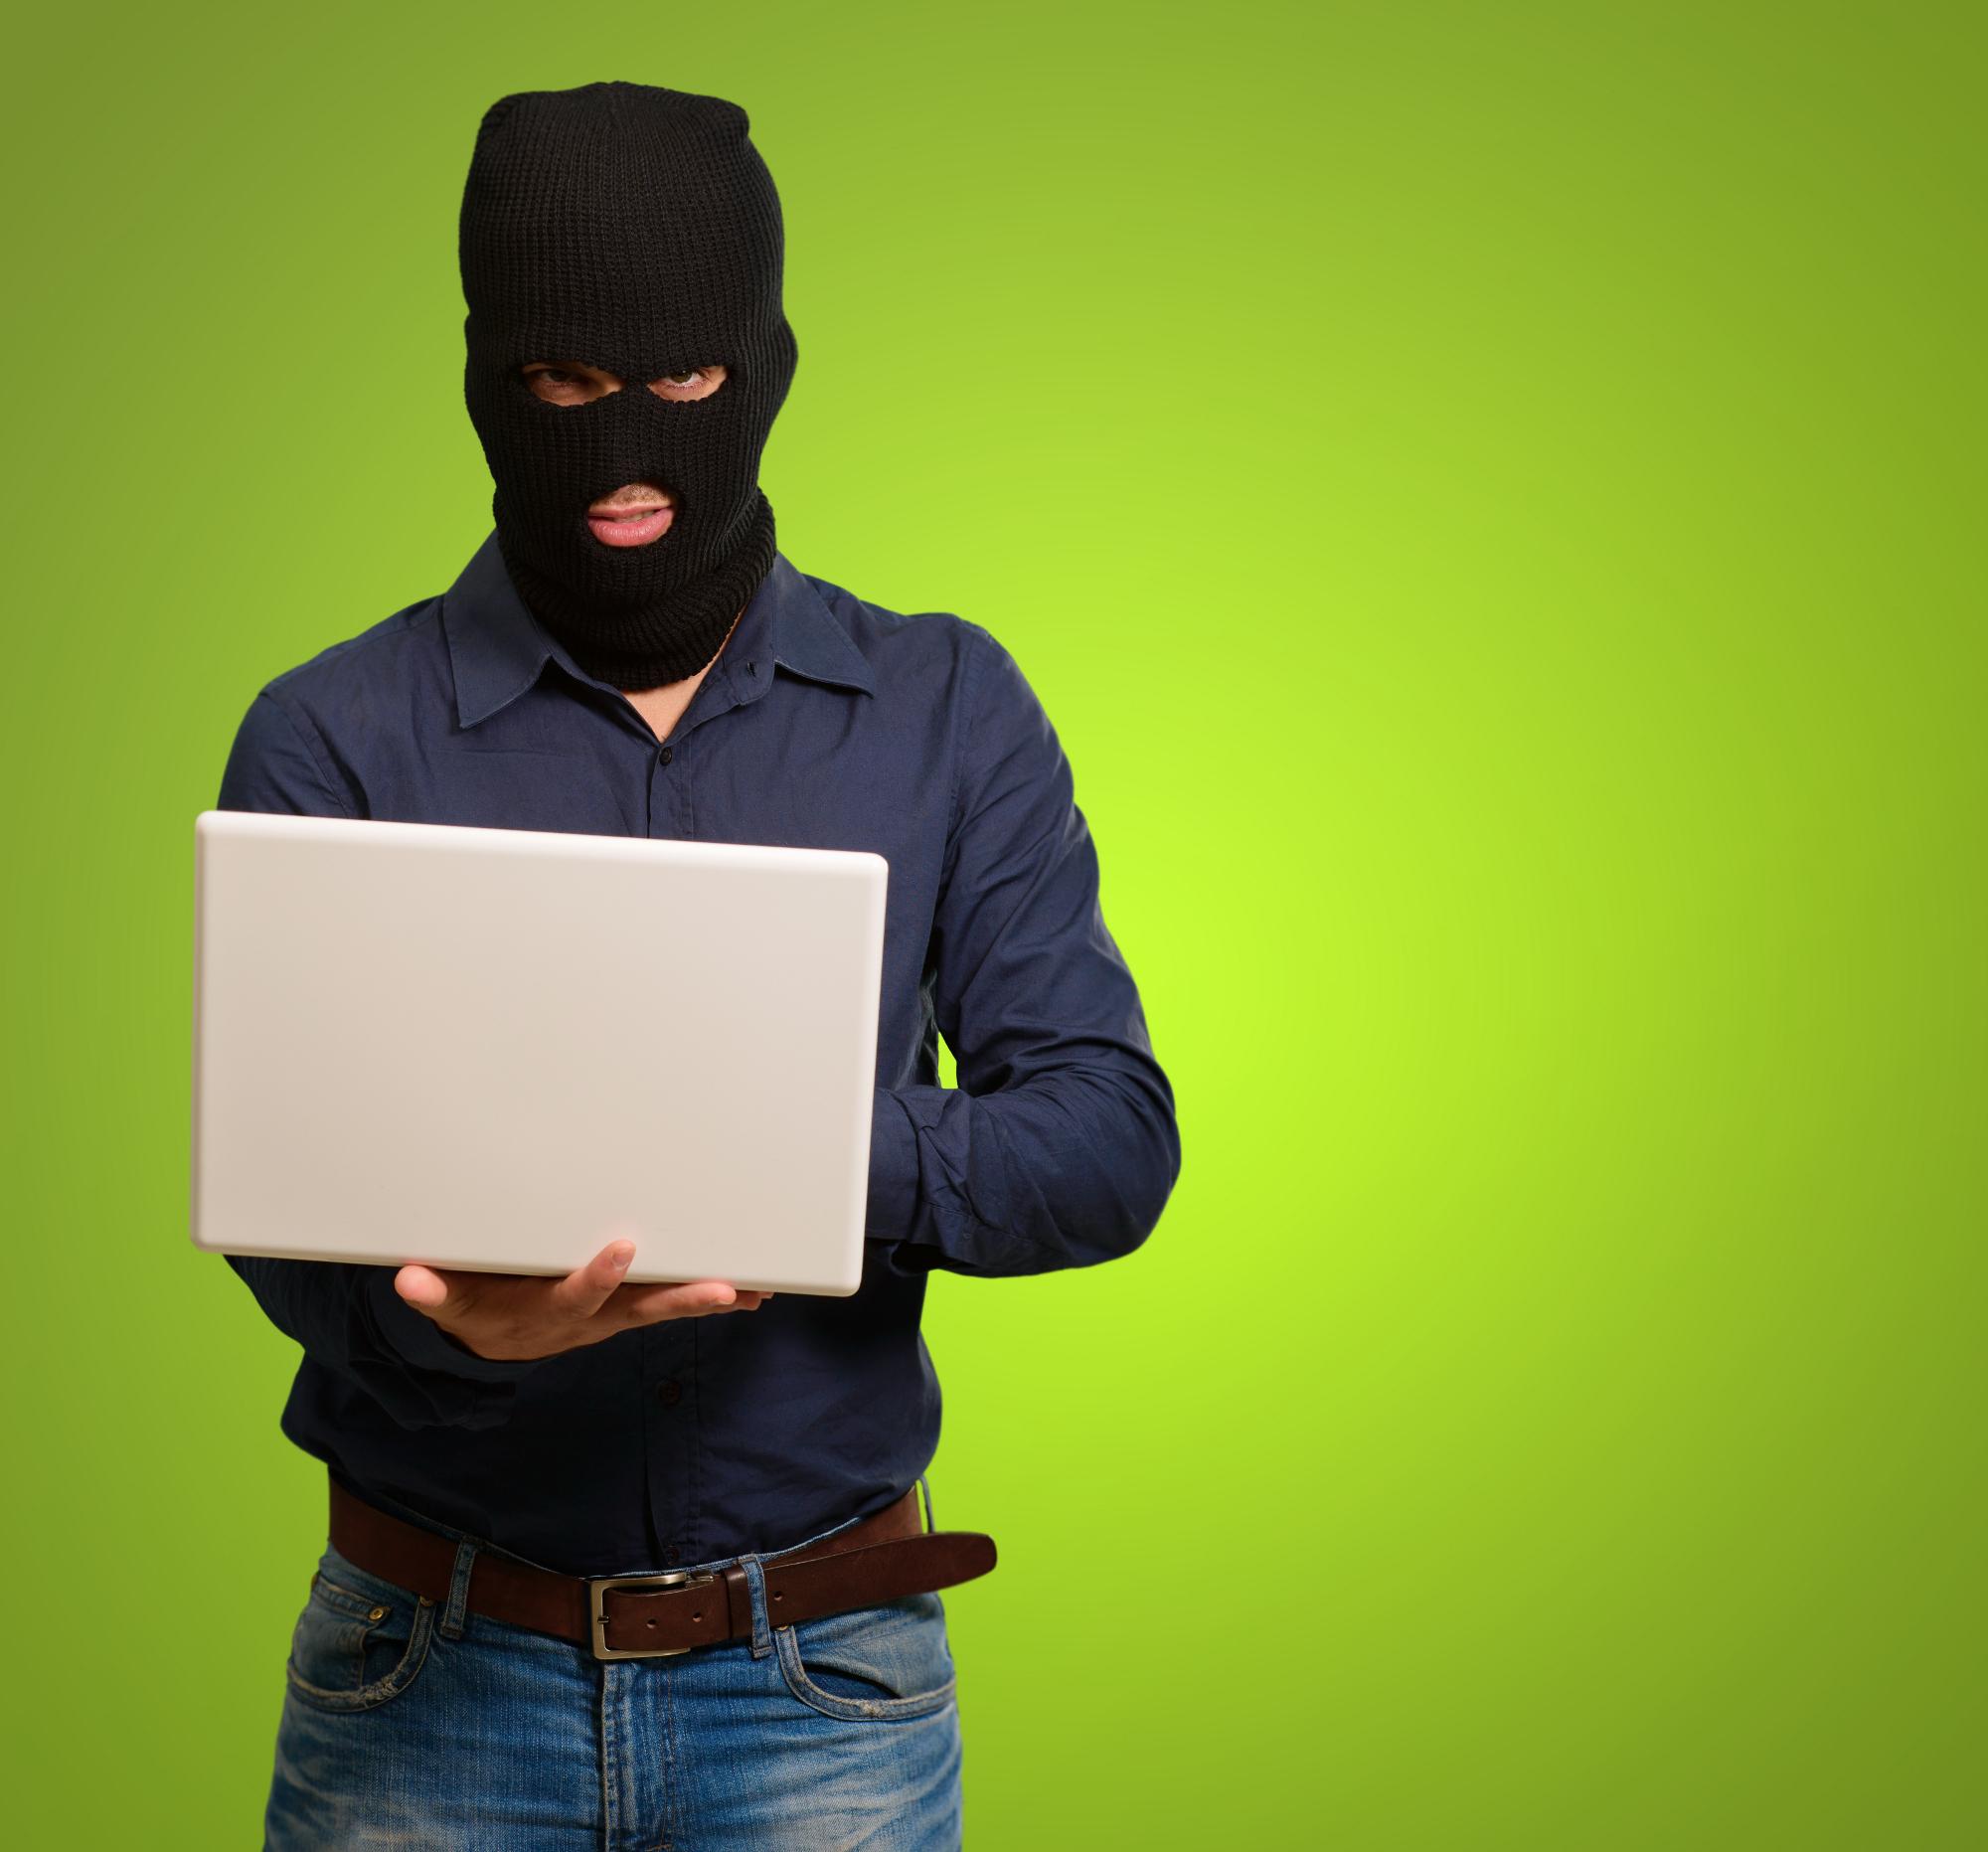 Check Point Software rivela un aumento del 29% dei cyber-attacchi contro le organizzazioni